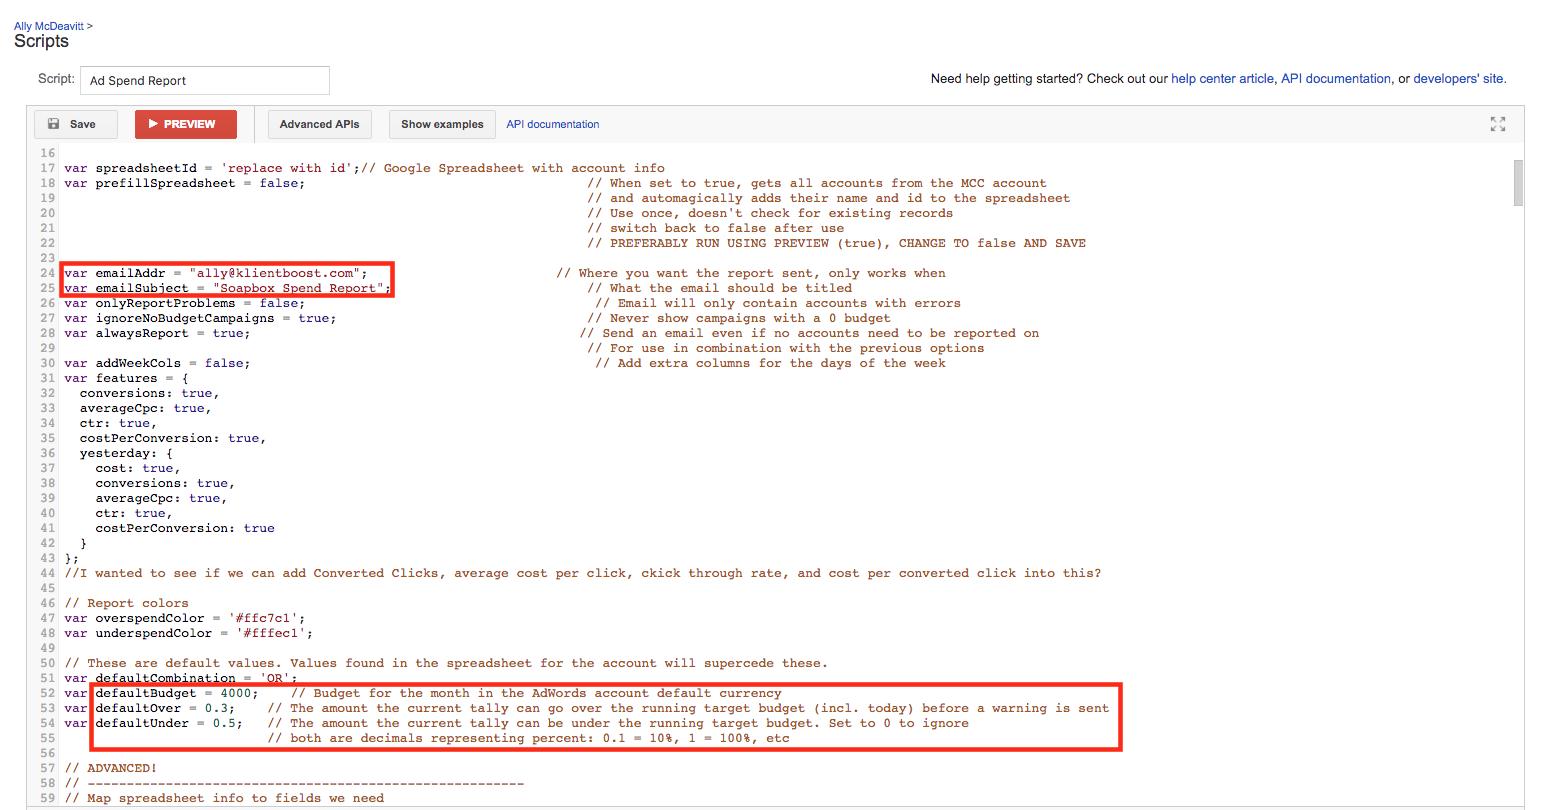 11-skripty-google-adwords--skript-otcheta-po-reklamnym-rashodam.png